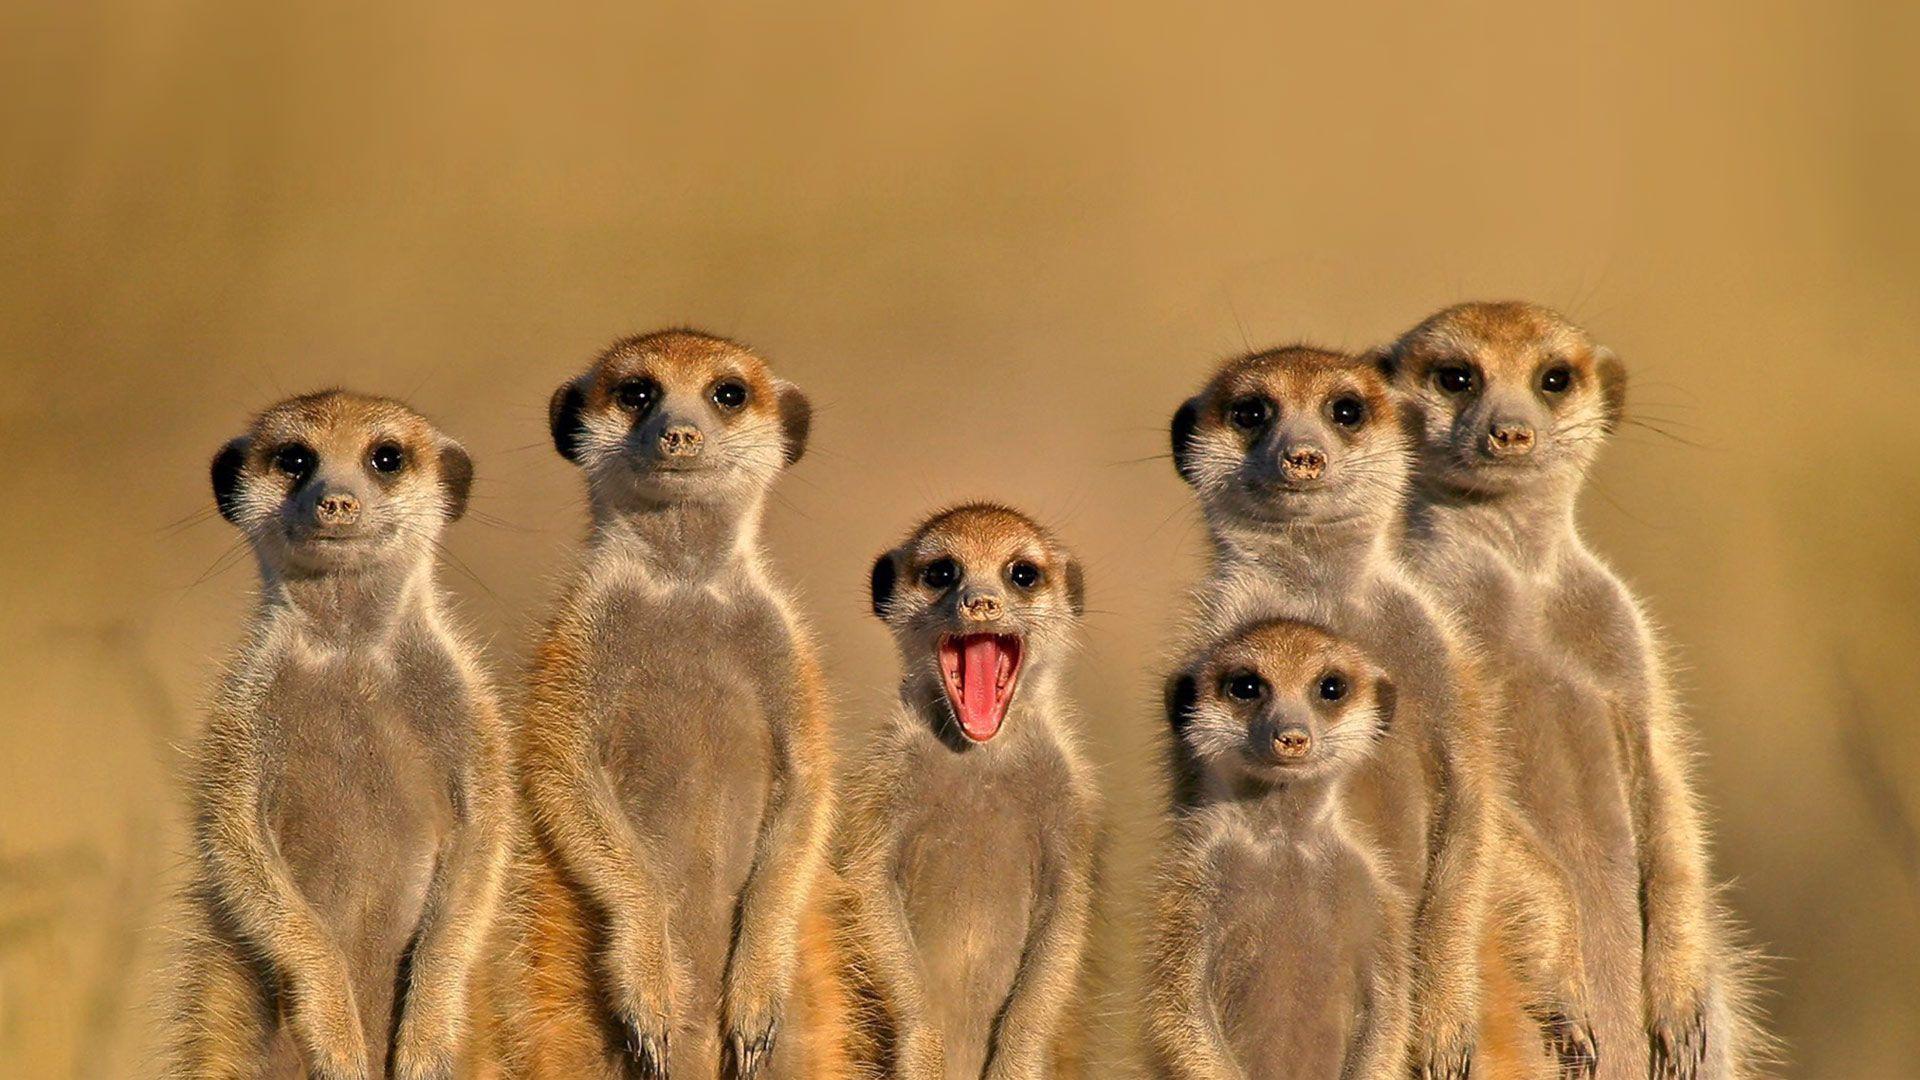 Meerkats Wallpapers